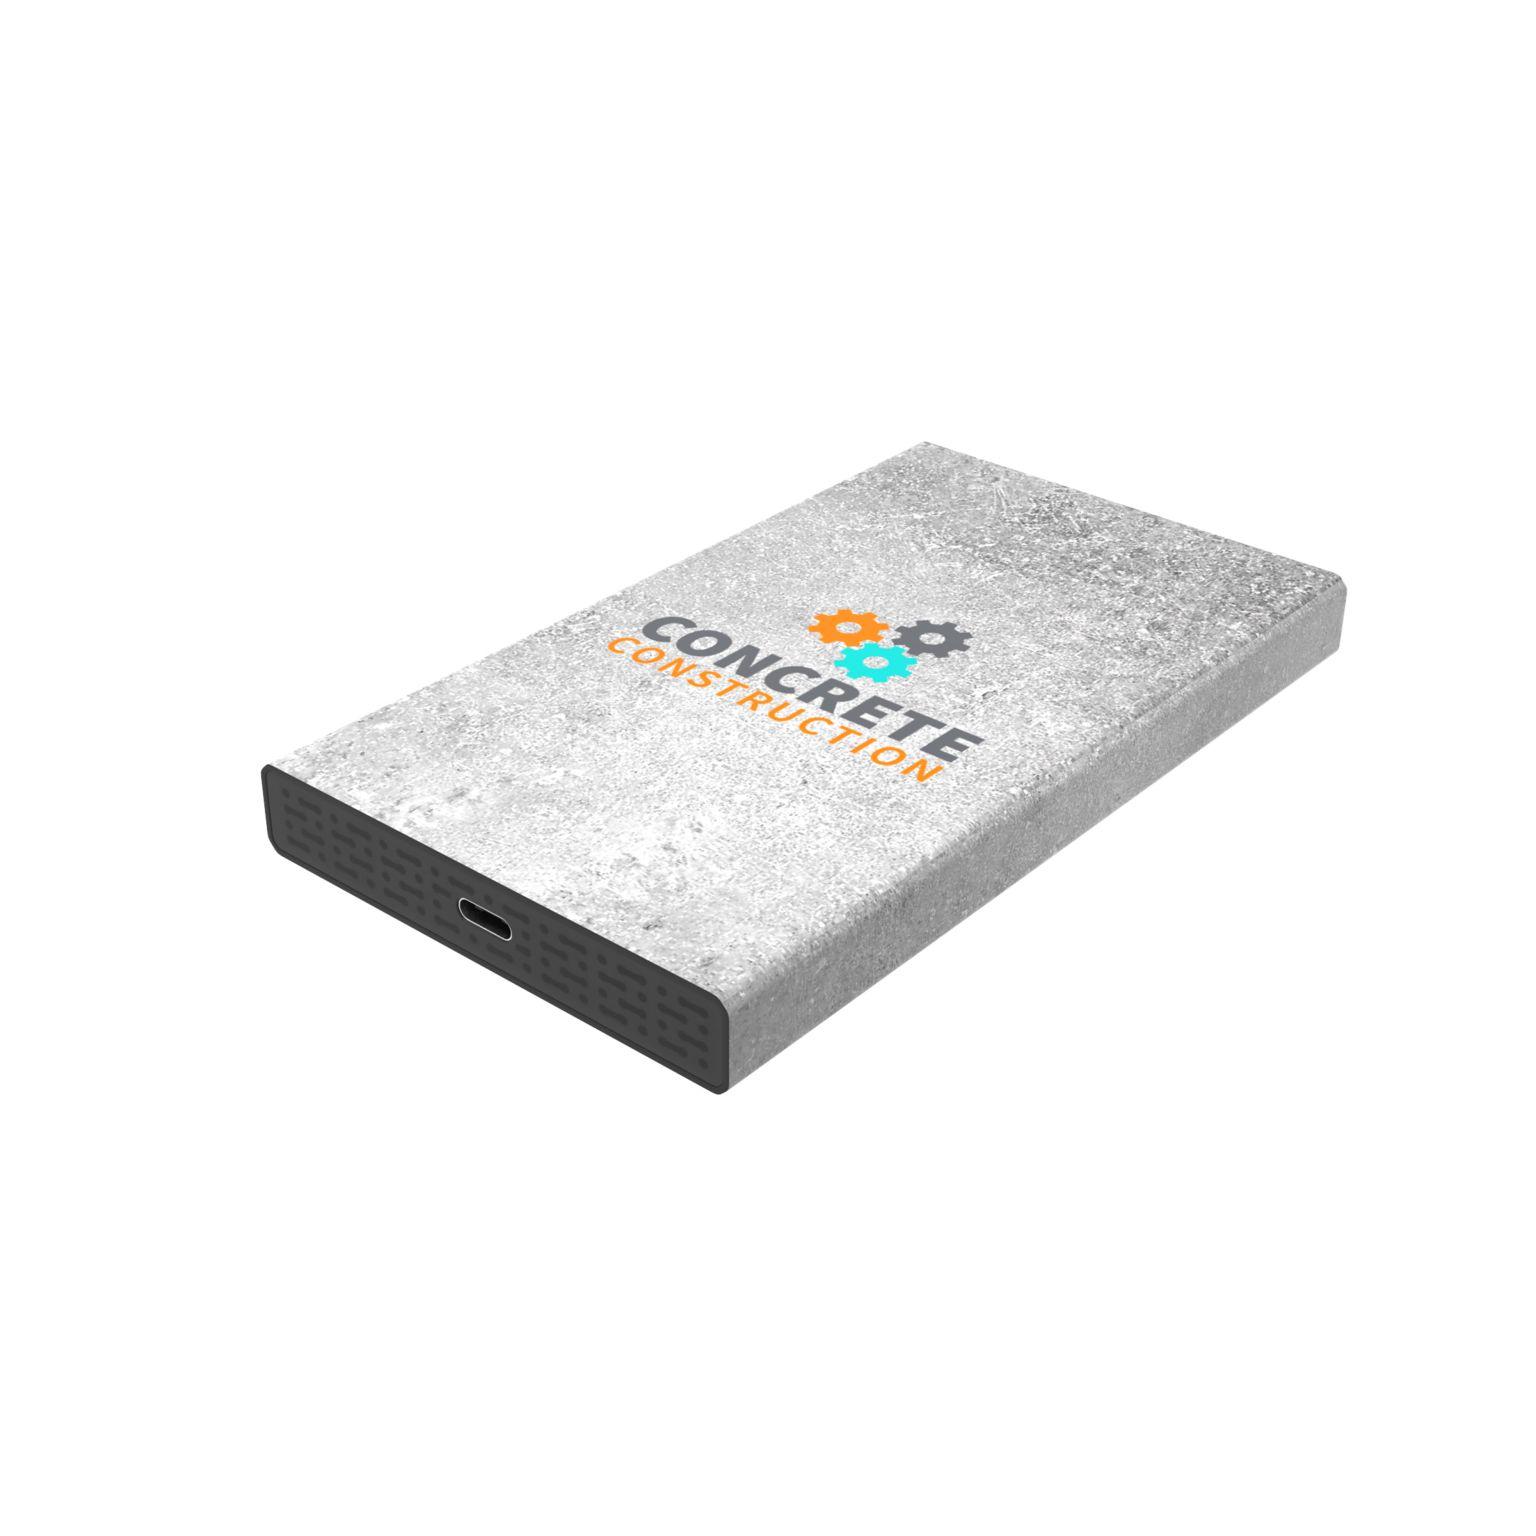 White Lake Pro External HDD 2TB, Max Print Noir avec impression quadri publicitaire à personnaliser aux couleurs de votre société !